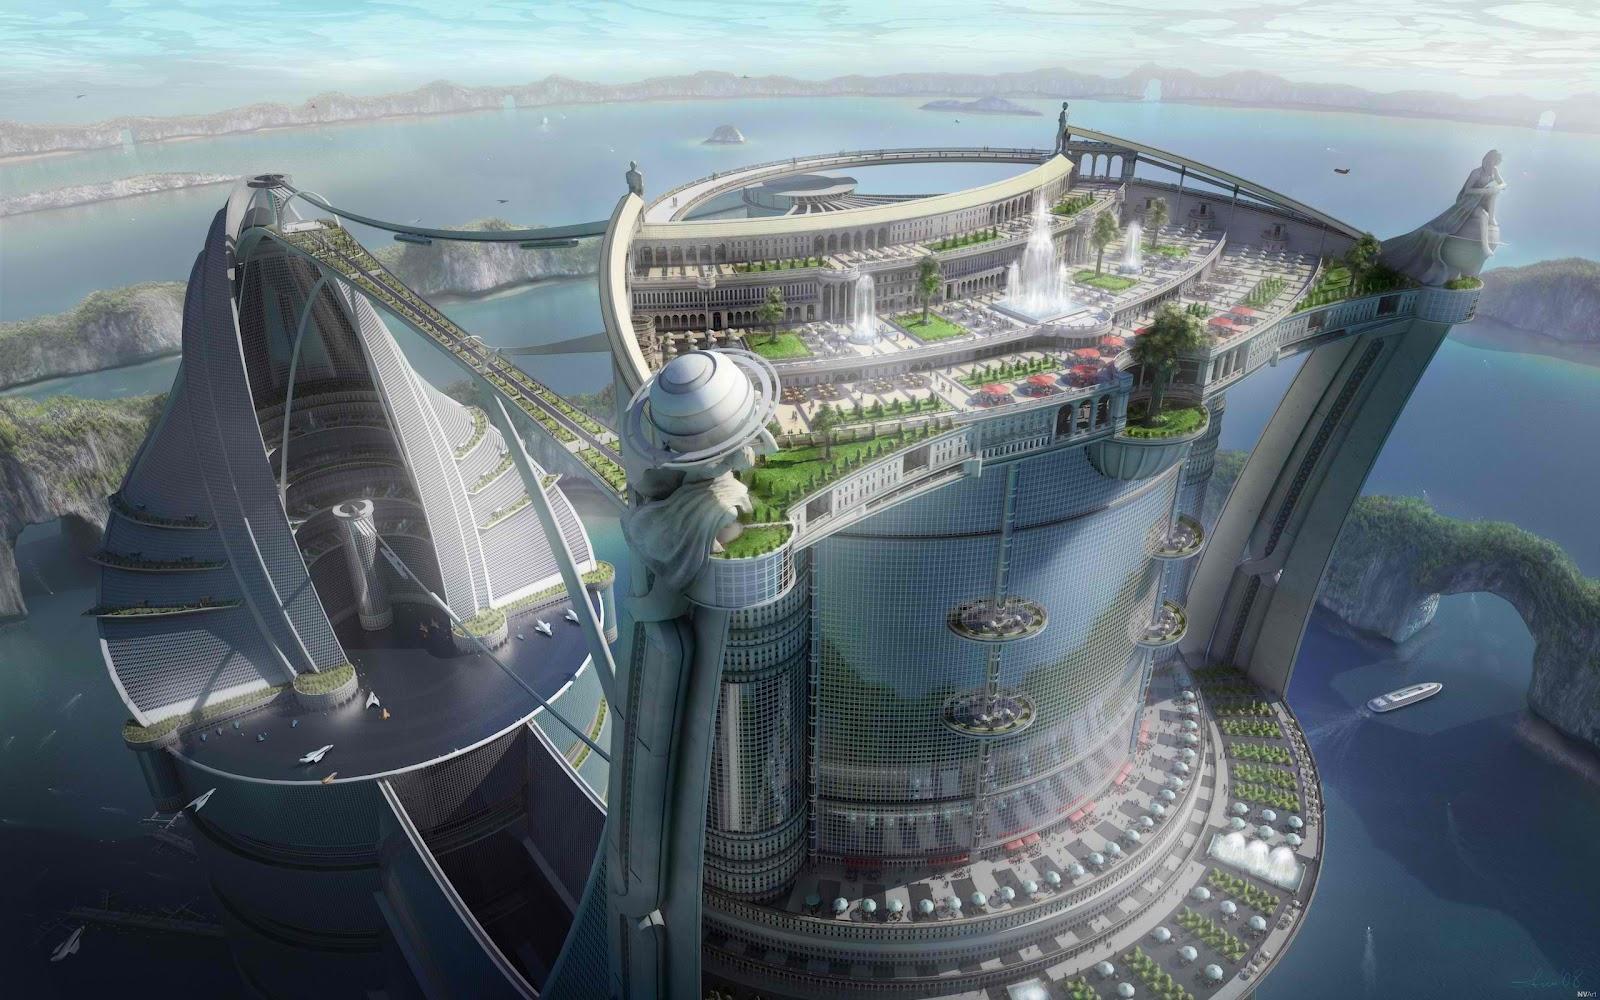 http://4.bp.blogspot.com/-ZR1wtErPnEs/UFFKAdFFYJI/AAAAAAAAAIU/LG2elInHQCI/s1600/Dubai%2BHD%2BWallpapers.jpeg